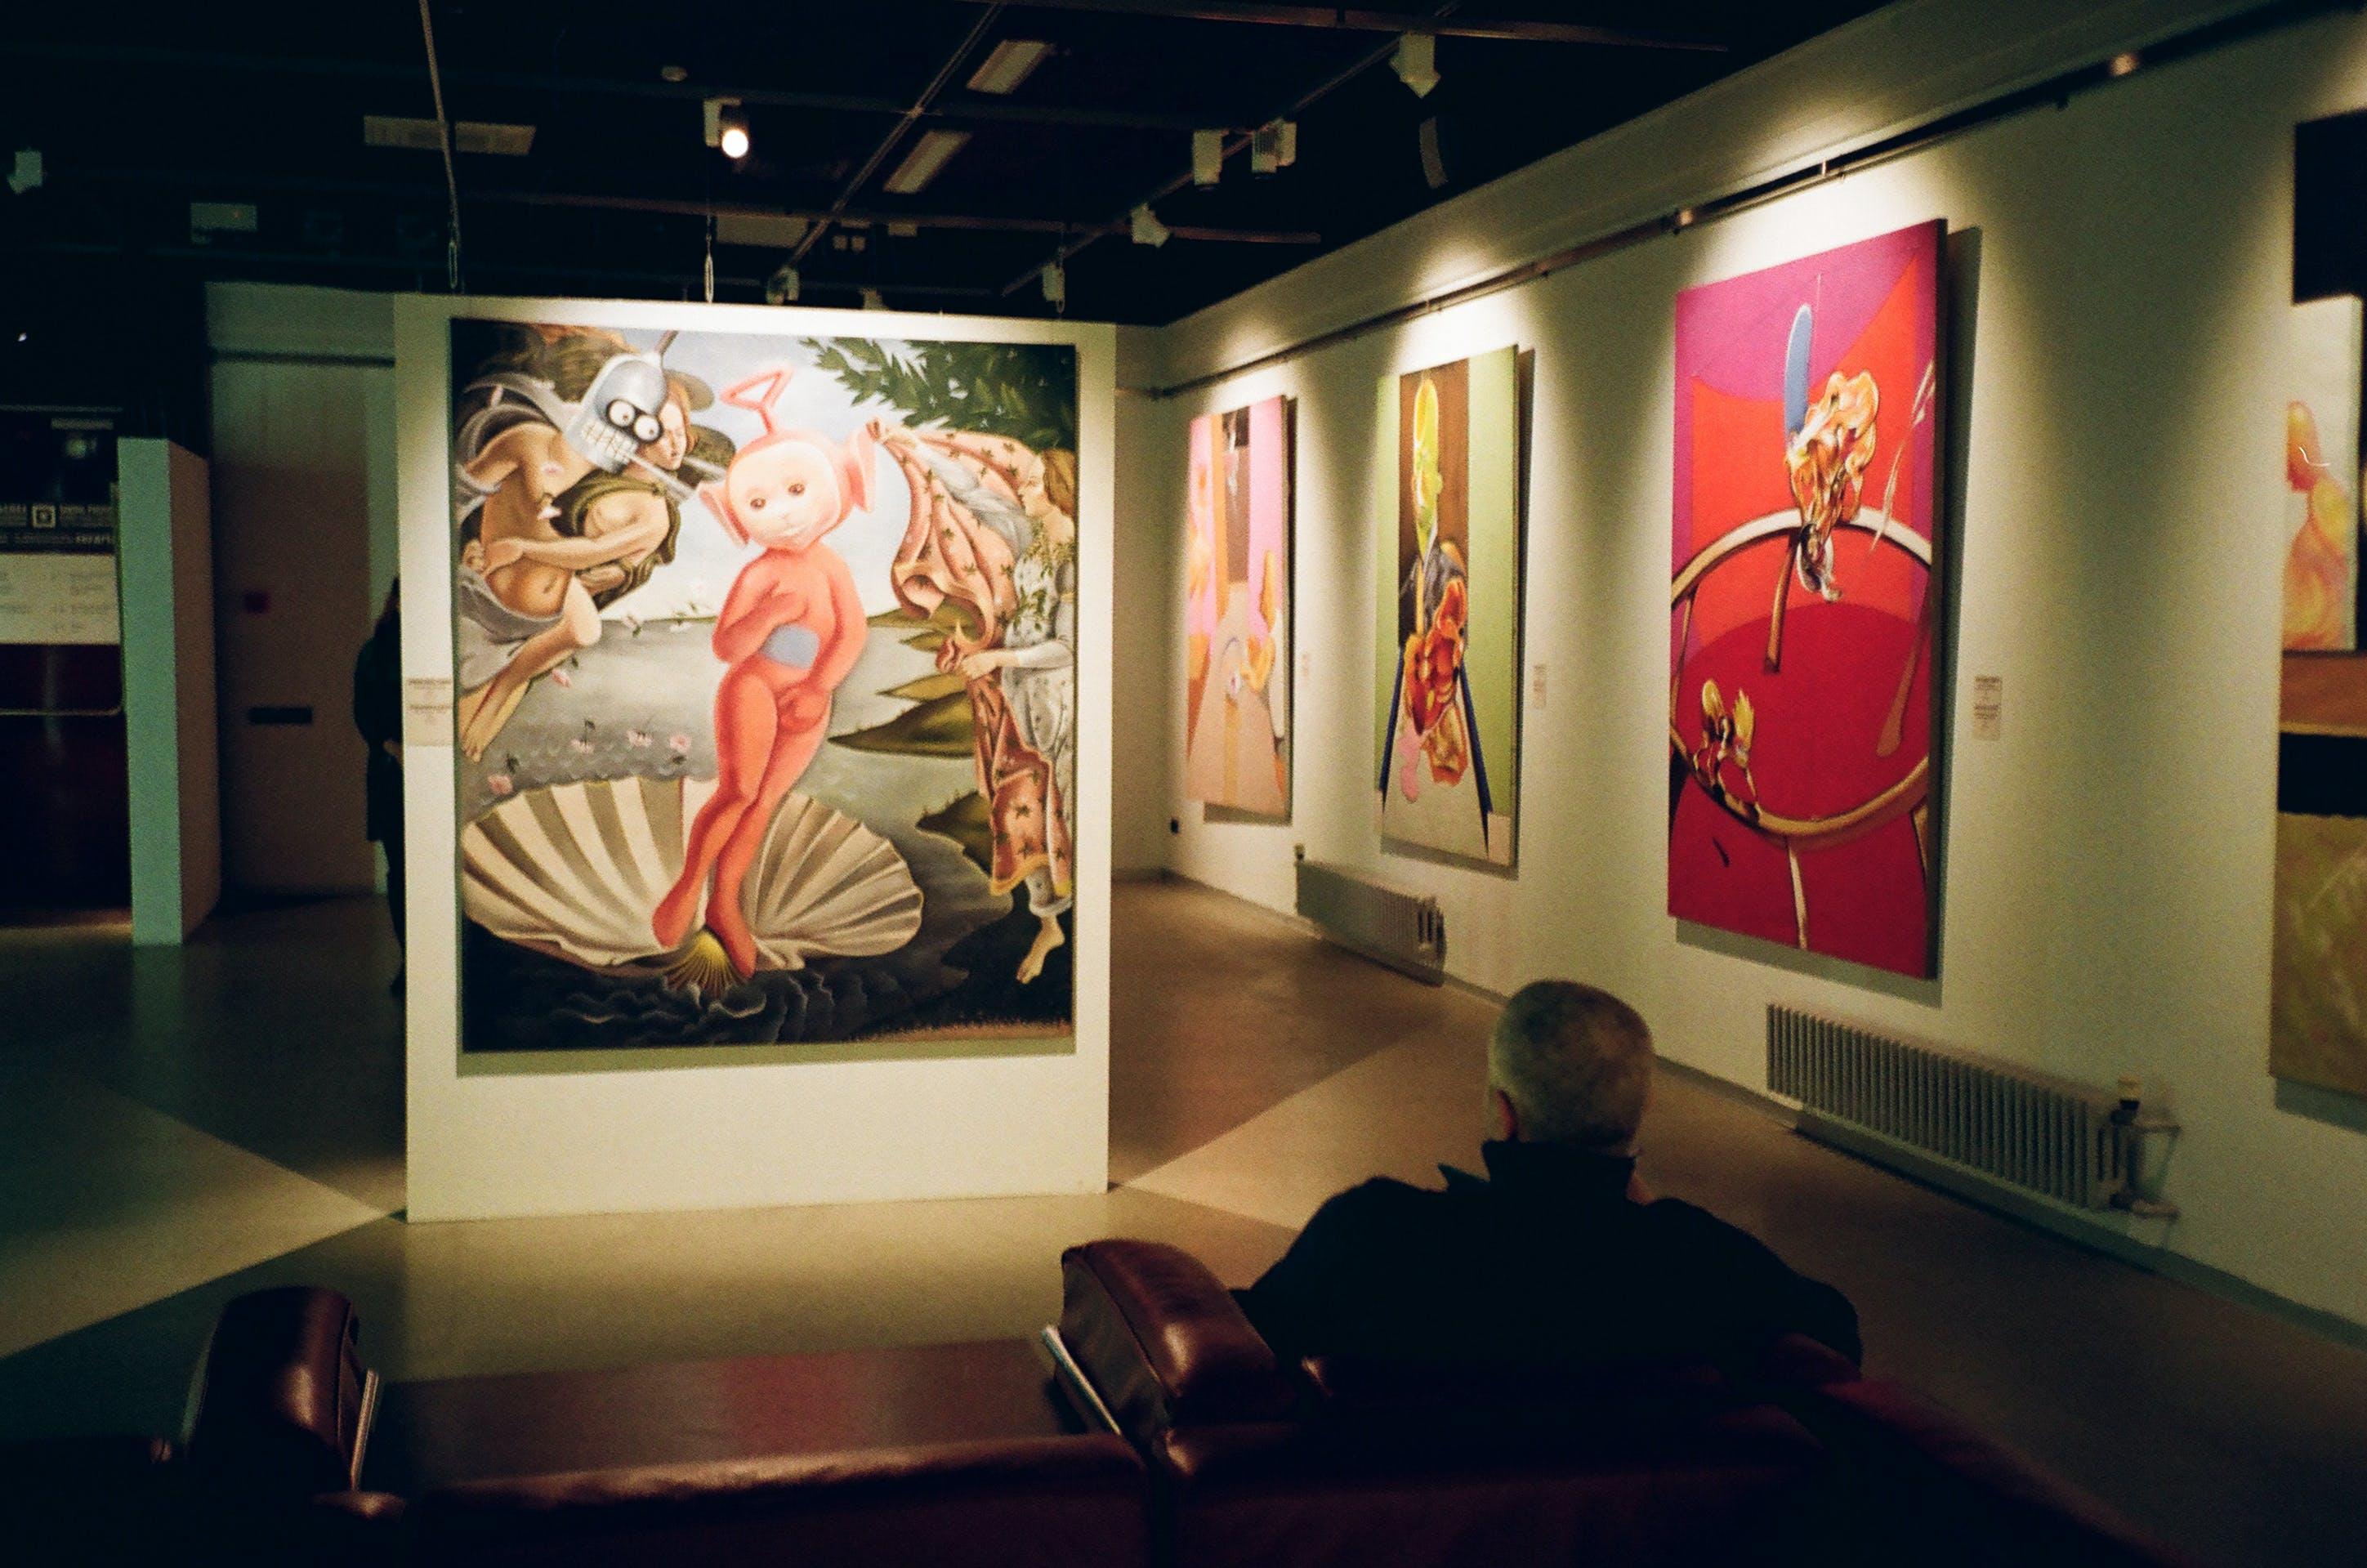 Безкоштовне стокове фото на тему «Будівля, виставка, всередині, дивиться»